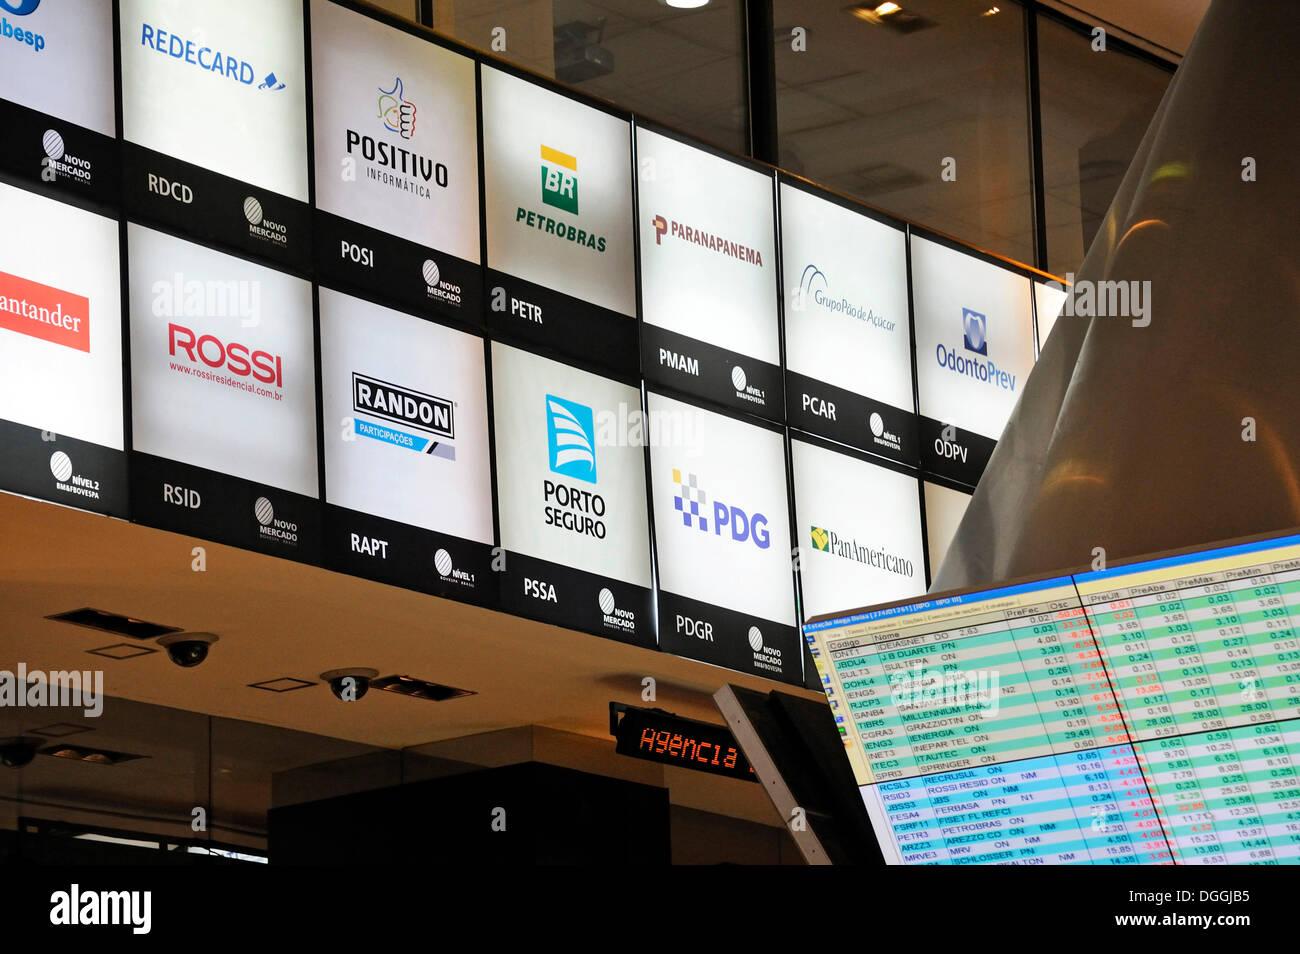 Logos der brasilianischen Aktiengesellschaften, Besucherzentrum der Bovespa, die Börse in Sao Paulo, Brasilien, Südamerika Stockbild